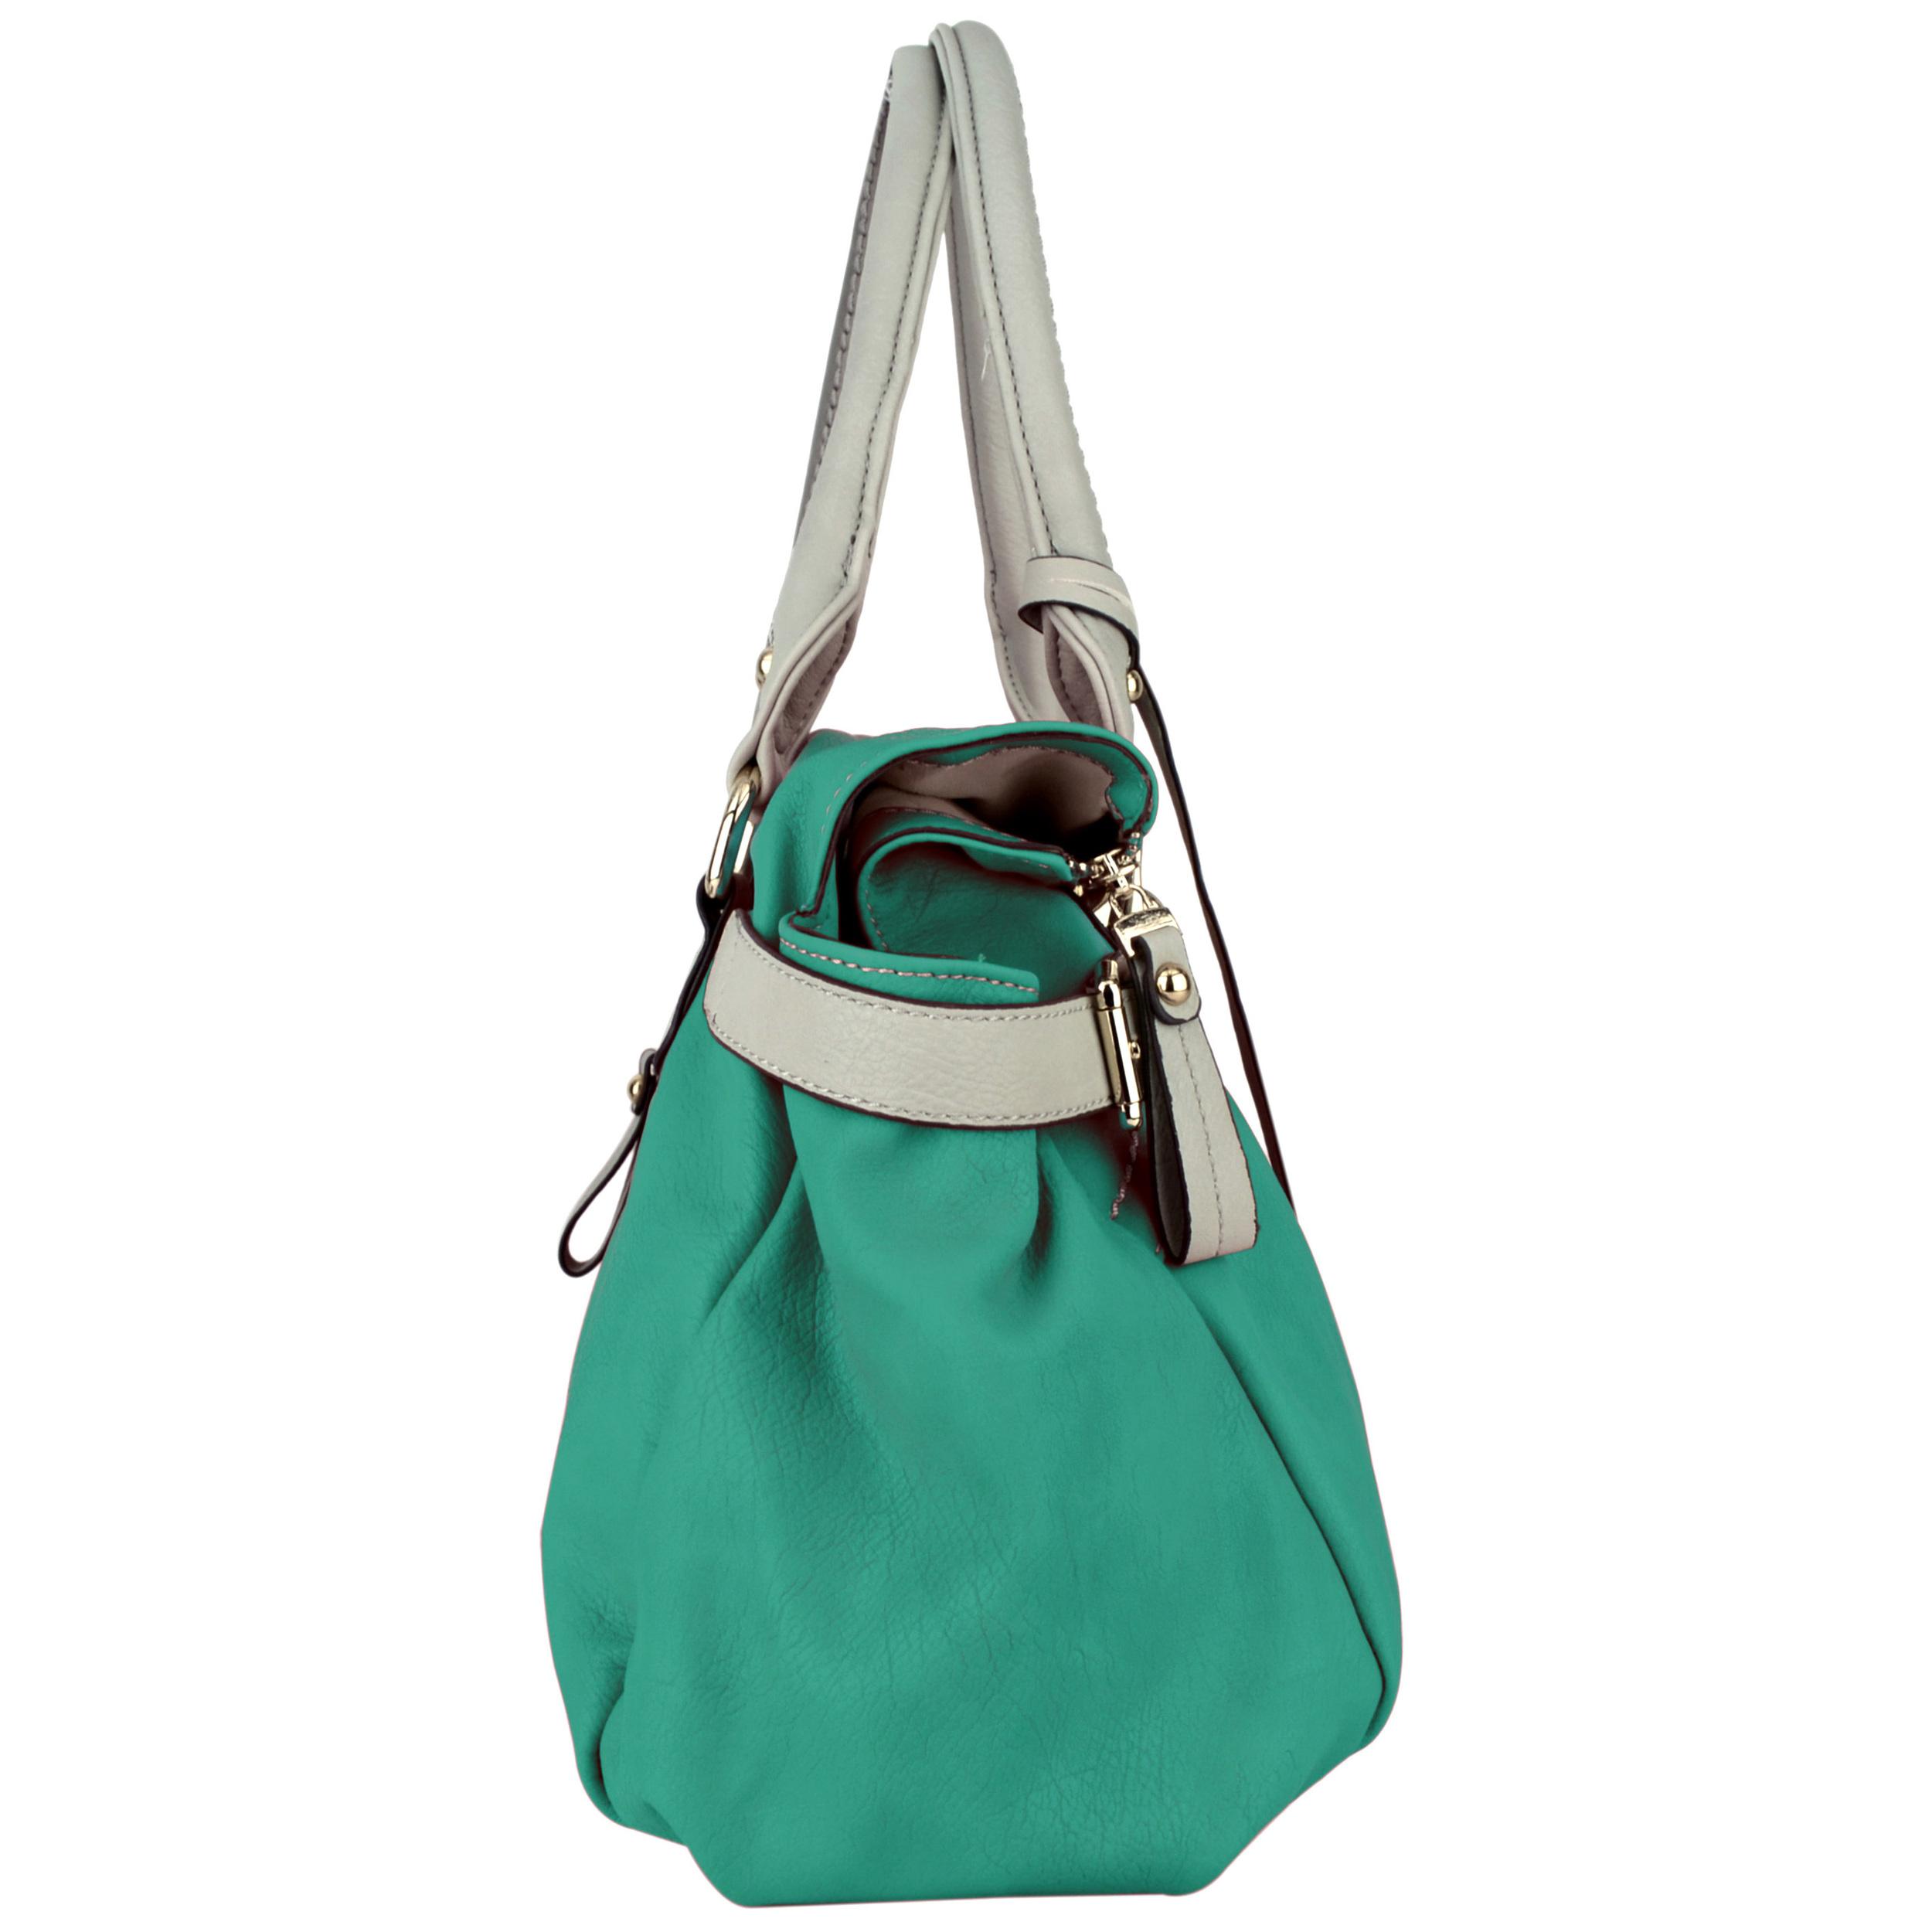 GABBY Teal Shopper Hobo Handbag Side